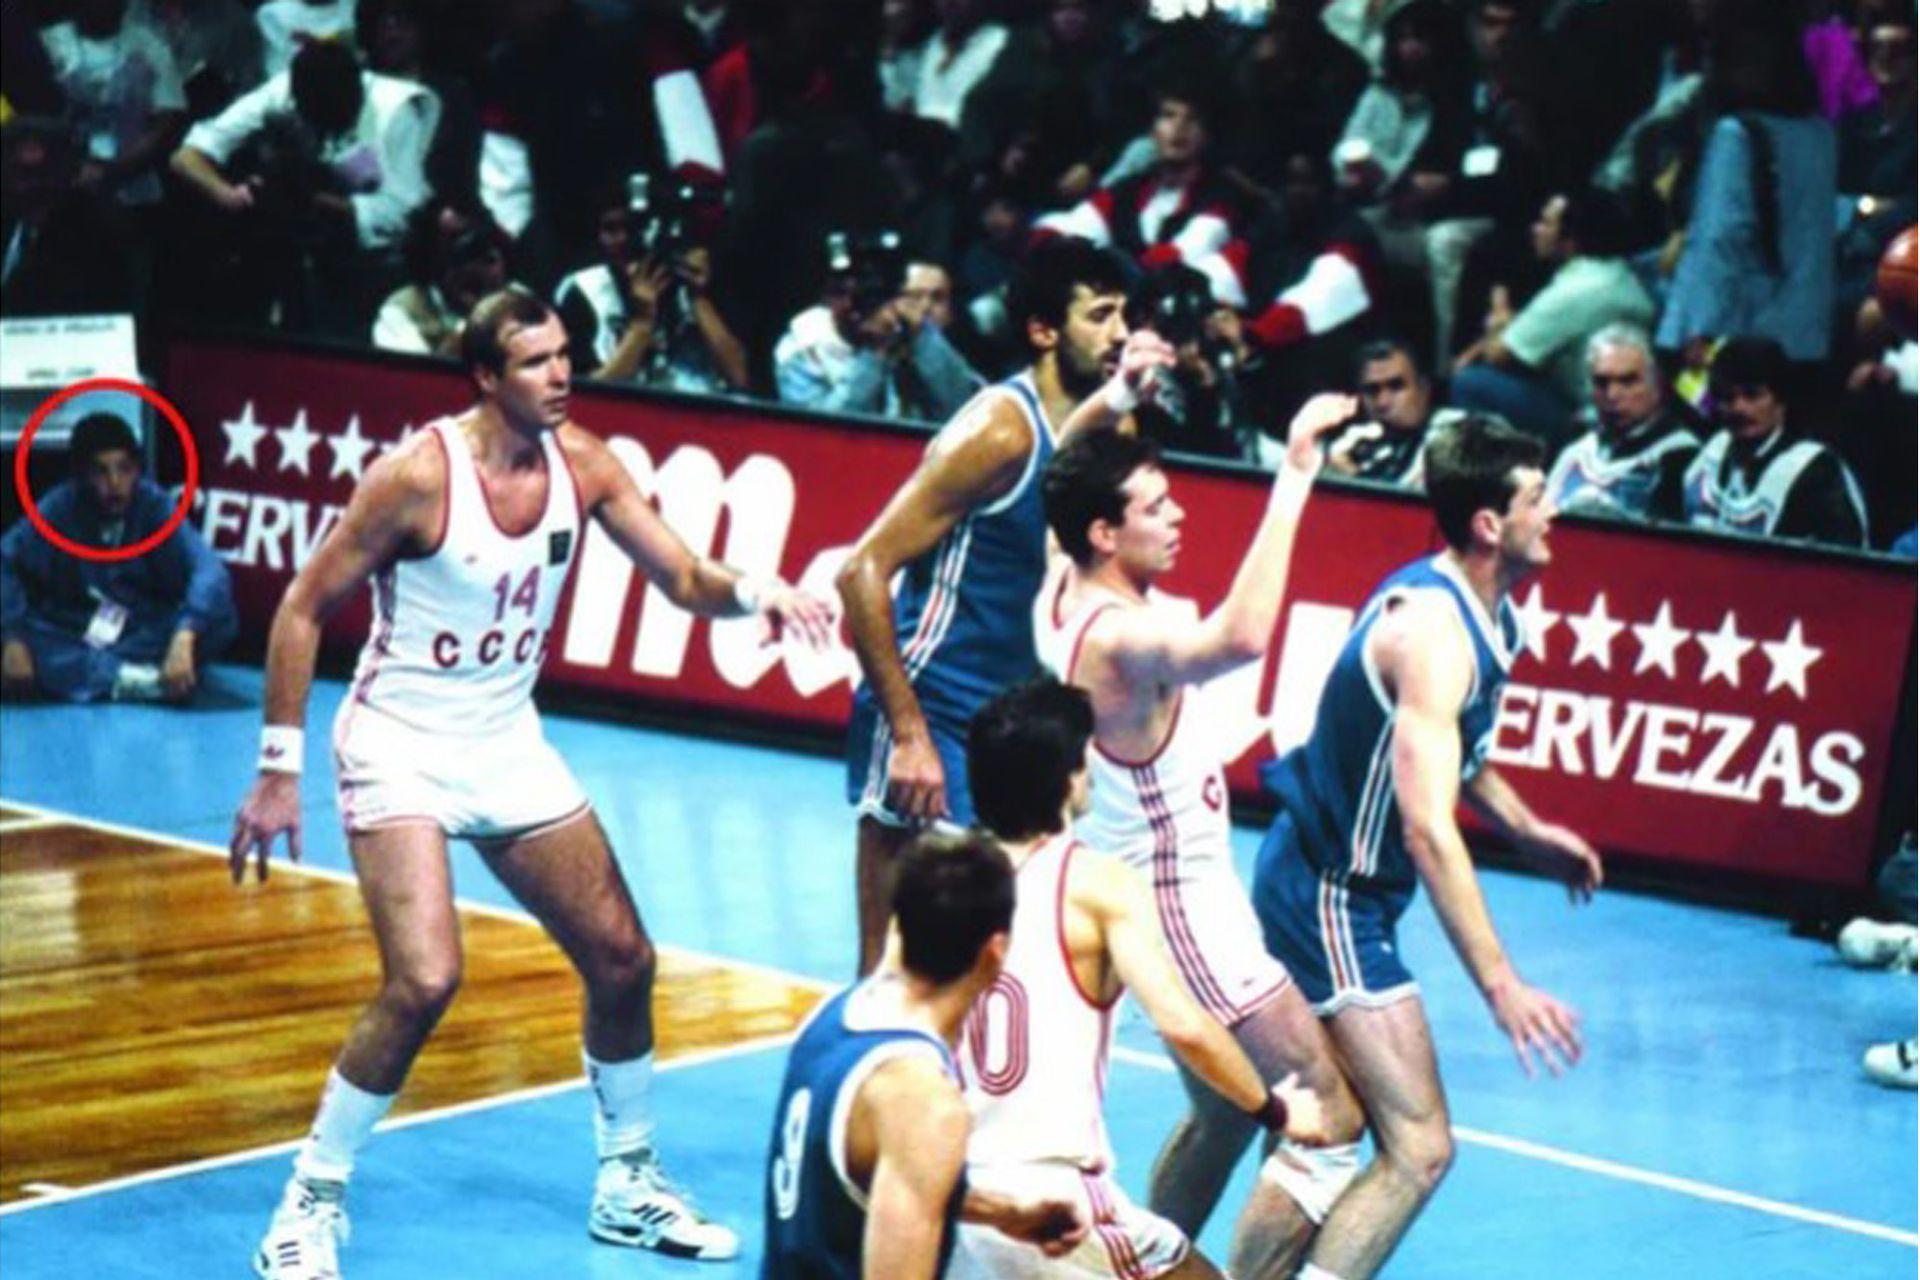 El documento de la revista El Gráfico durante la final del 20 de agosto de 1990: Luis Scola, en una esquina, el ball boy que luego ganaría dos medallas mundiales